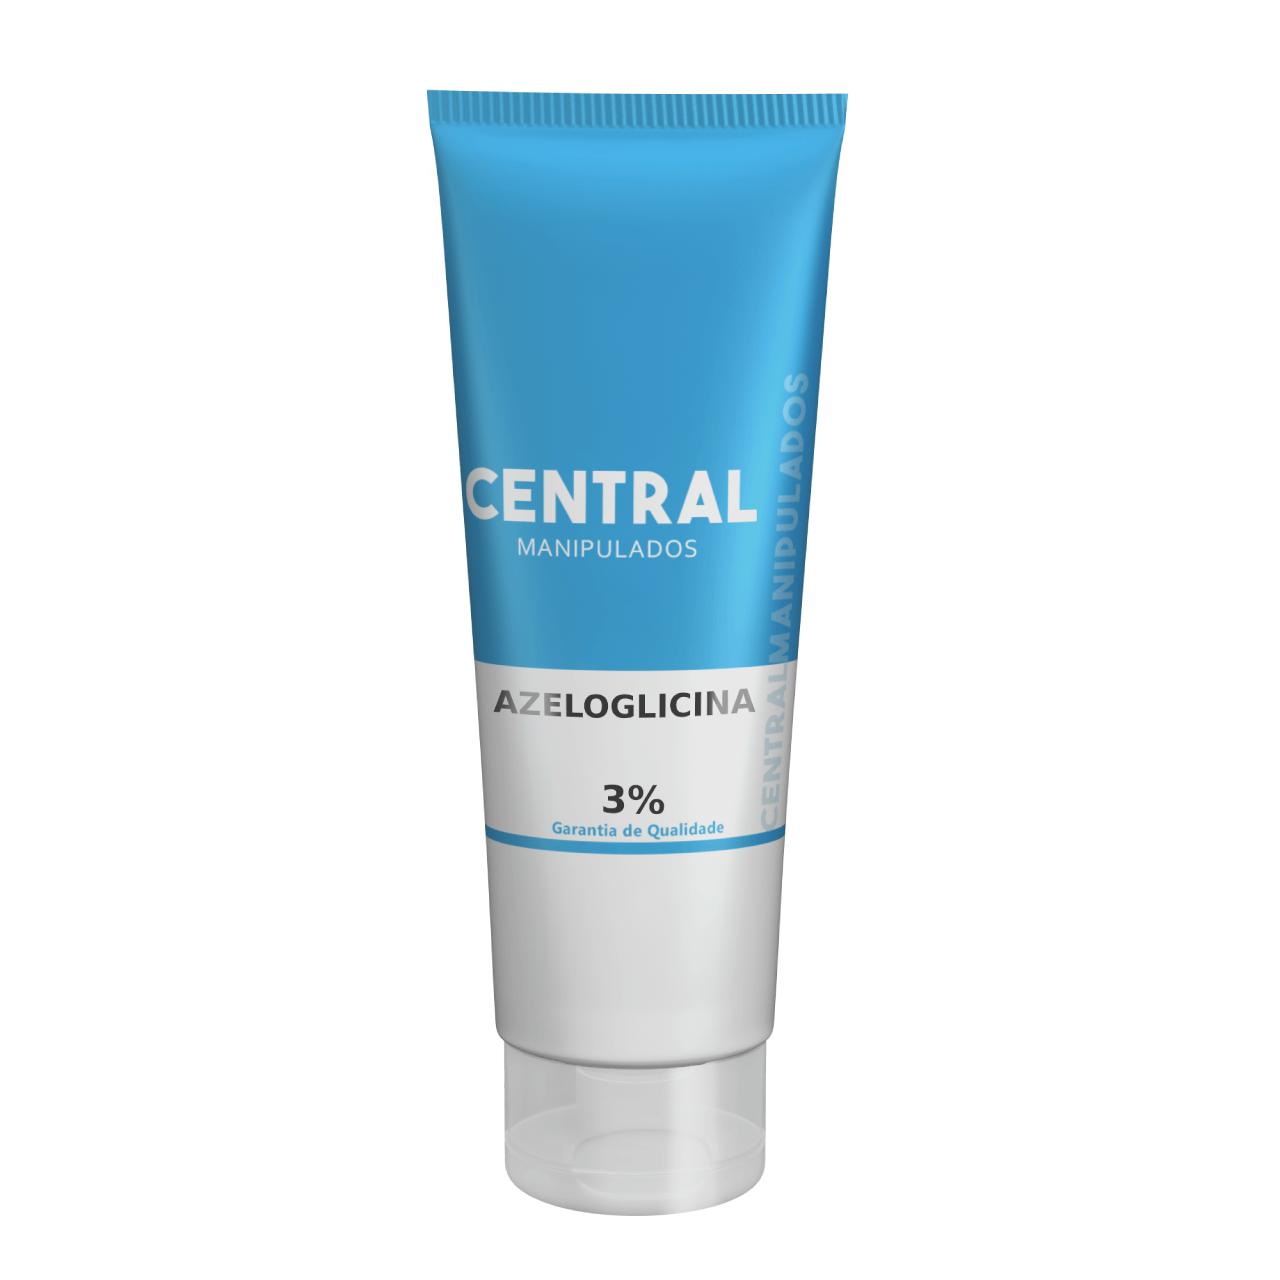 Azeloglicina 3% - Creme 60g -  - Clareador de Axilas e Virilhas, Remove Manchas, Melhora a Aparência da Pele